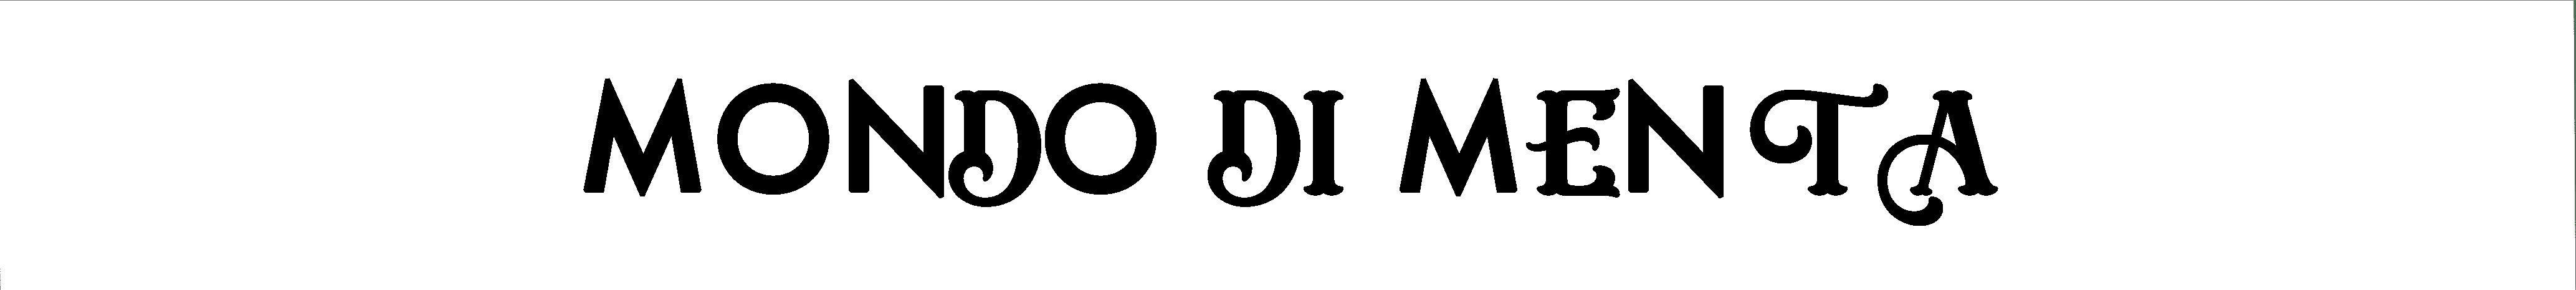 MONDO DI MENTA-min